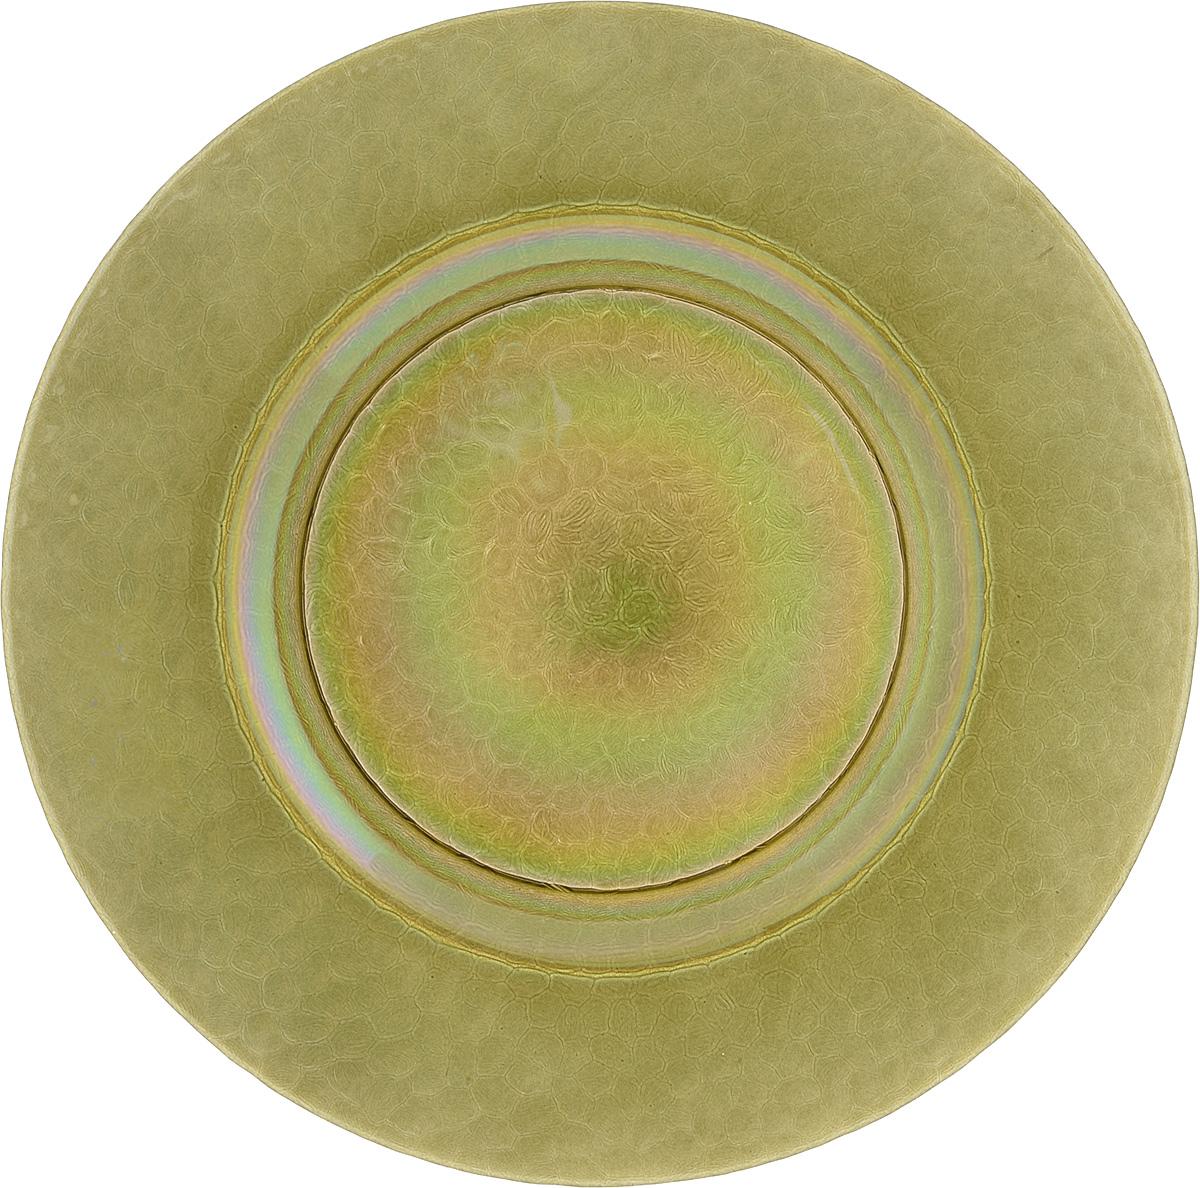 Тарелка NiNaGlass Богемия, цвет: оливковый, диаметр 32,5 см83-056-Ф320 ИТОМТарелка NiNaGlass Богемия выполнена из высококачественного стекла. Она прекрасно впишется в интерьер вашей кухни и станет достойным дополнением к кухонному инвентарю. Не рекомендуется использовать в микроволновой печи и мыть в посудомоечной машине.